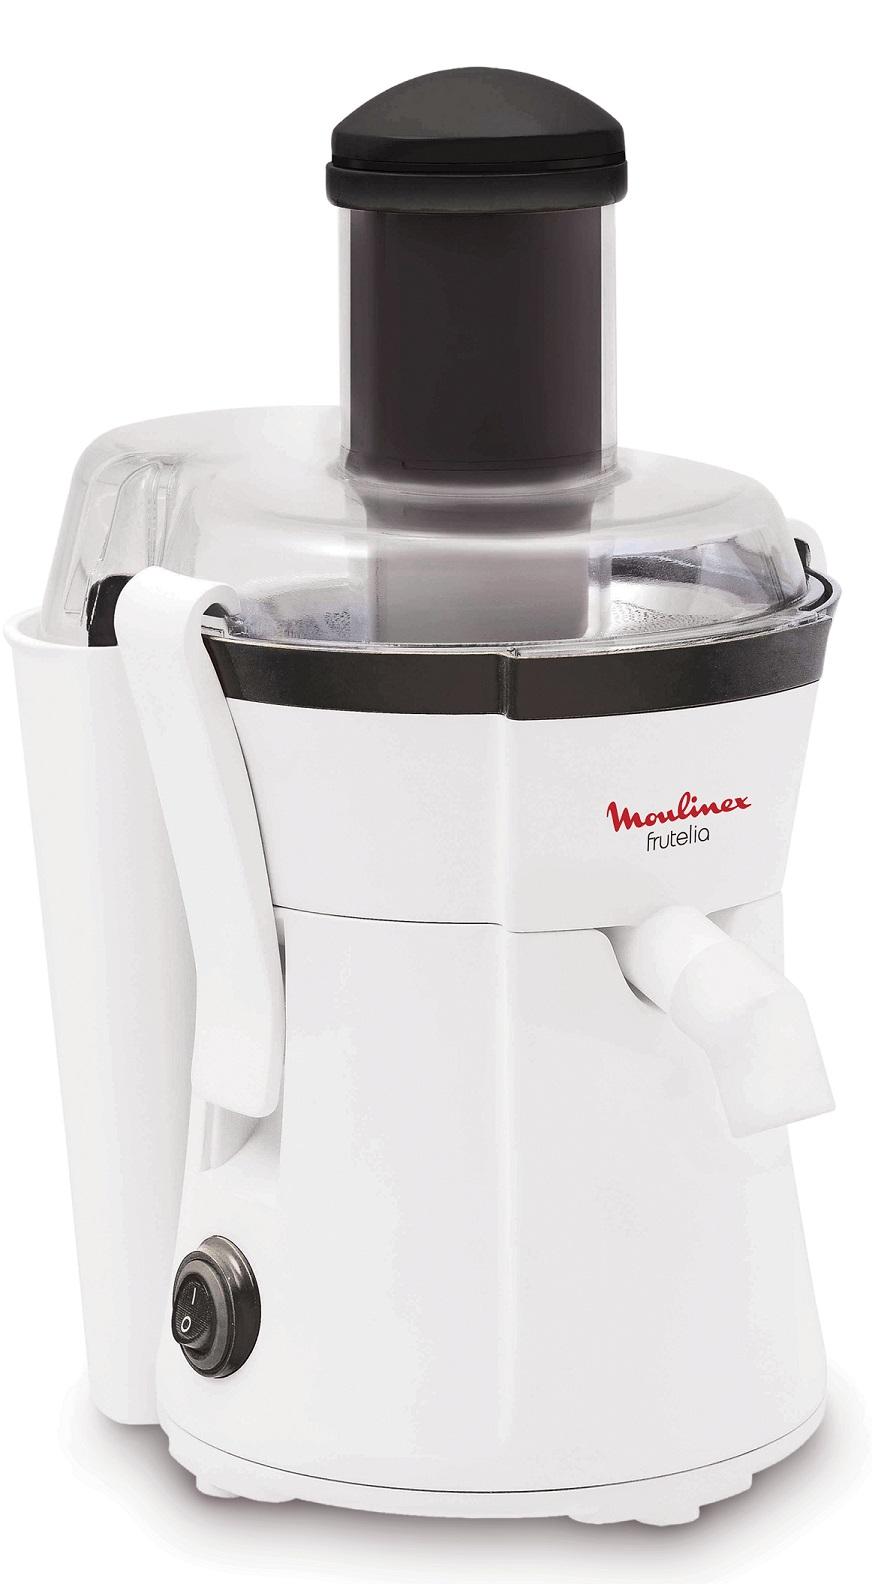 centrifugeuse moulinex ju350b39 fruitelia blanche. Black Bedroom Furniture Sets. Home Design Ideas